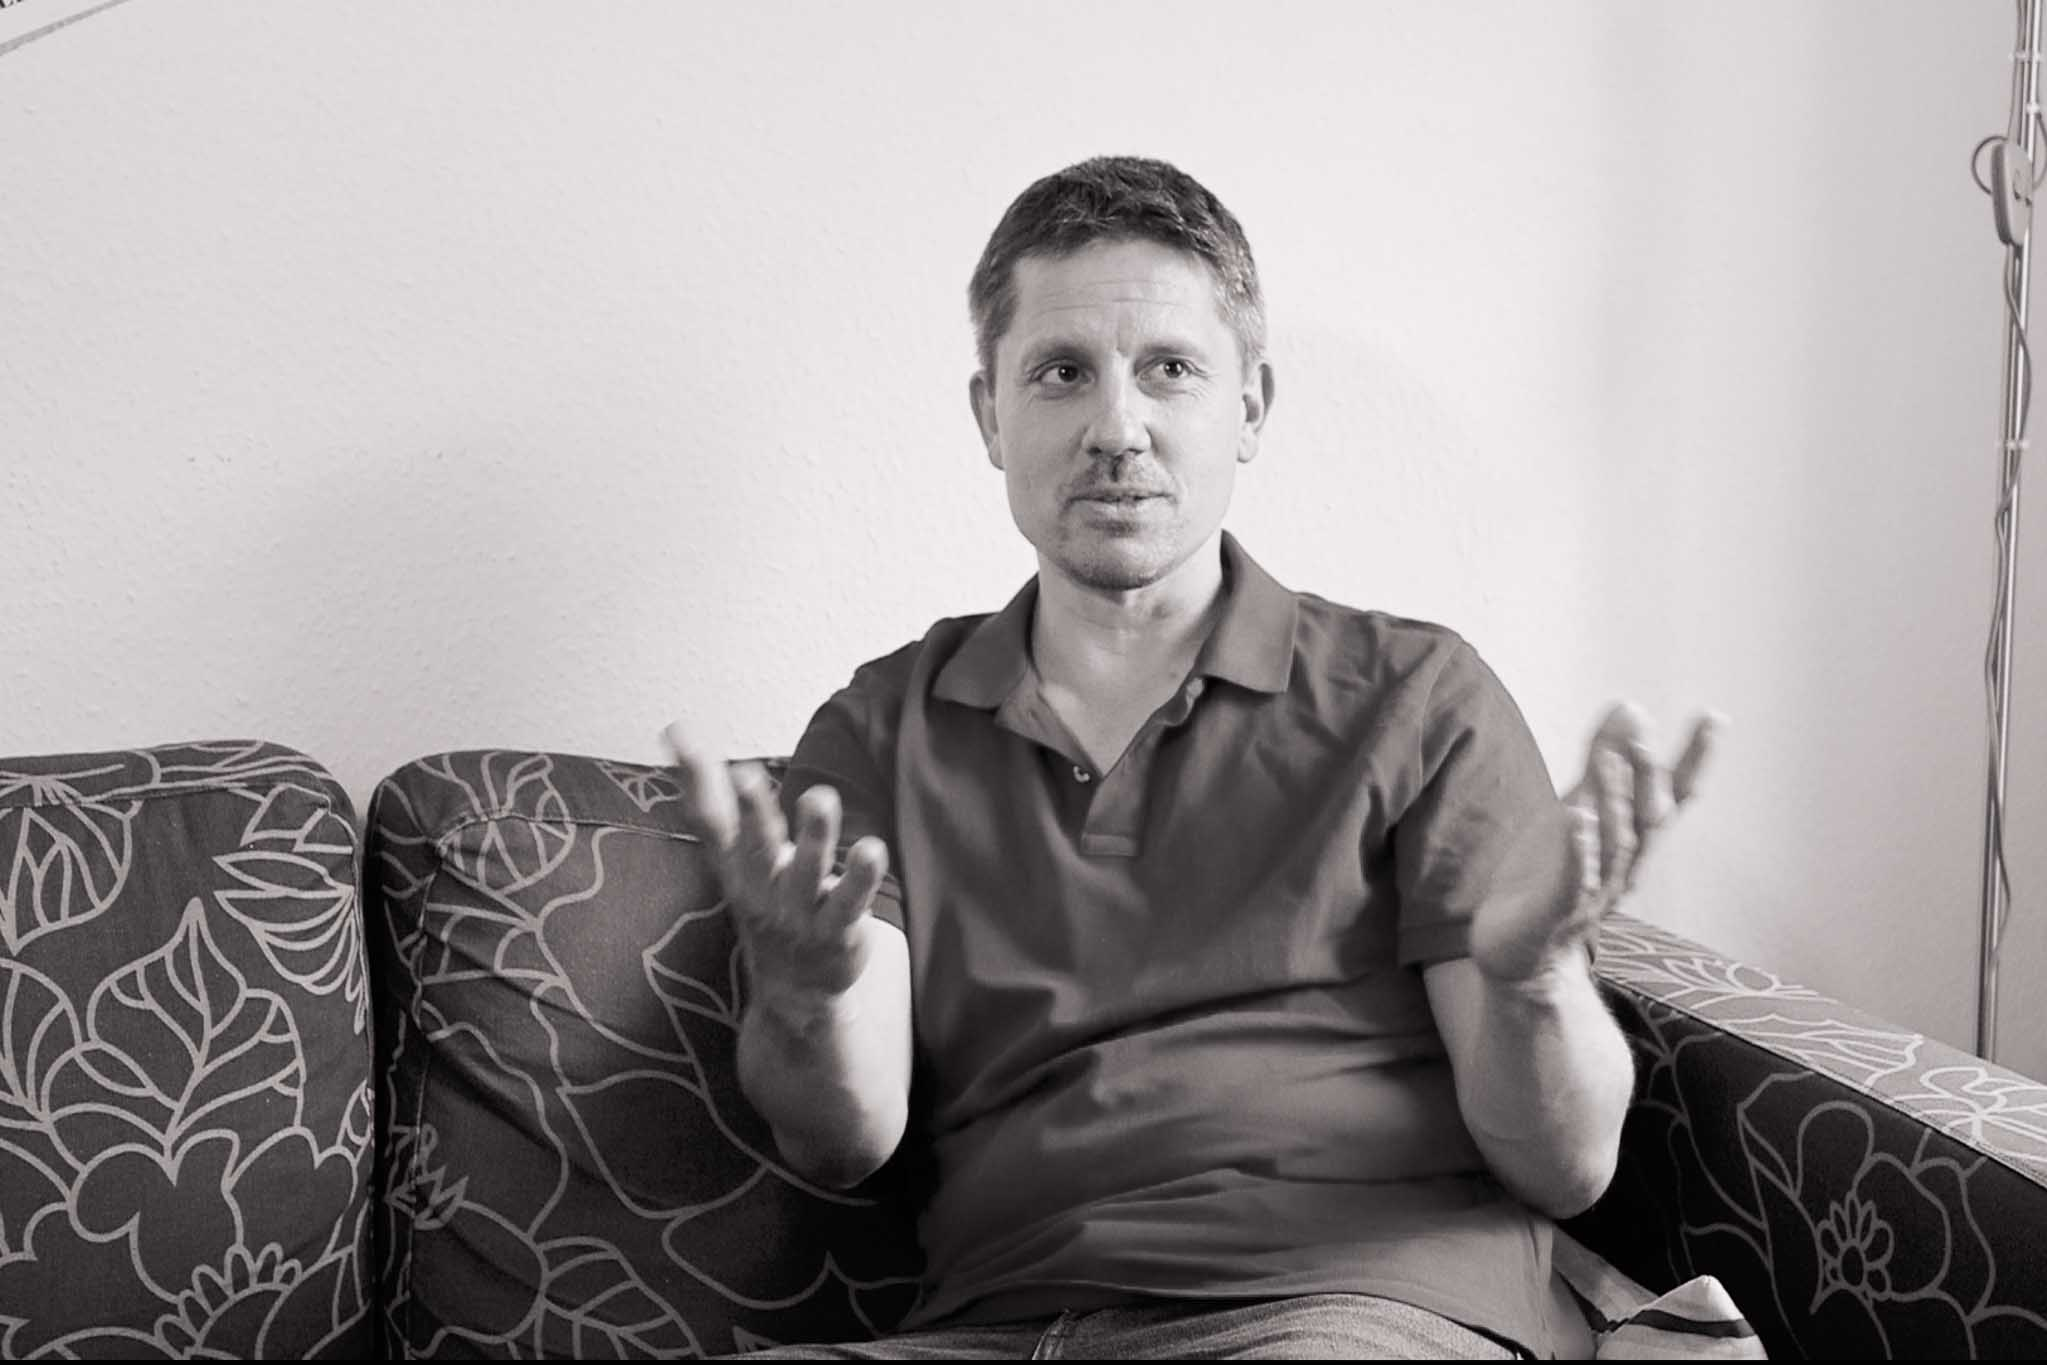 Matthias im Interview